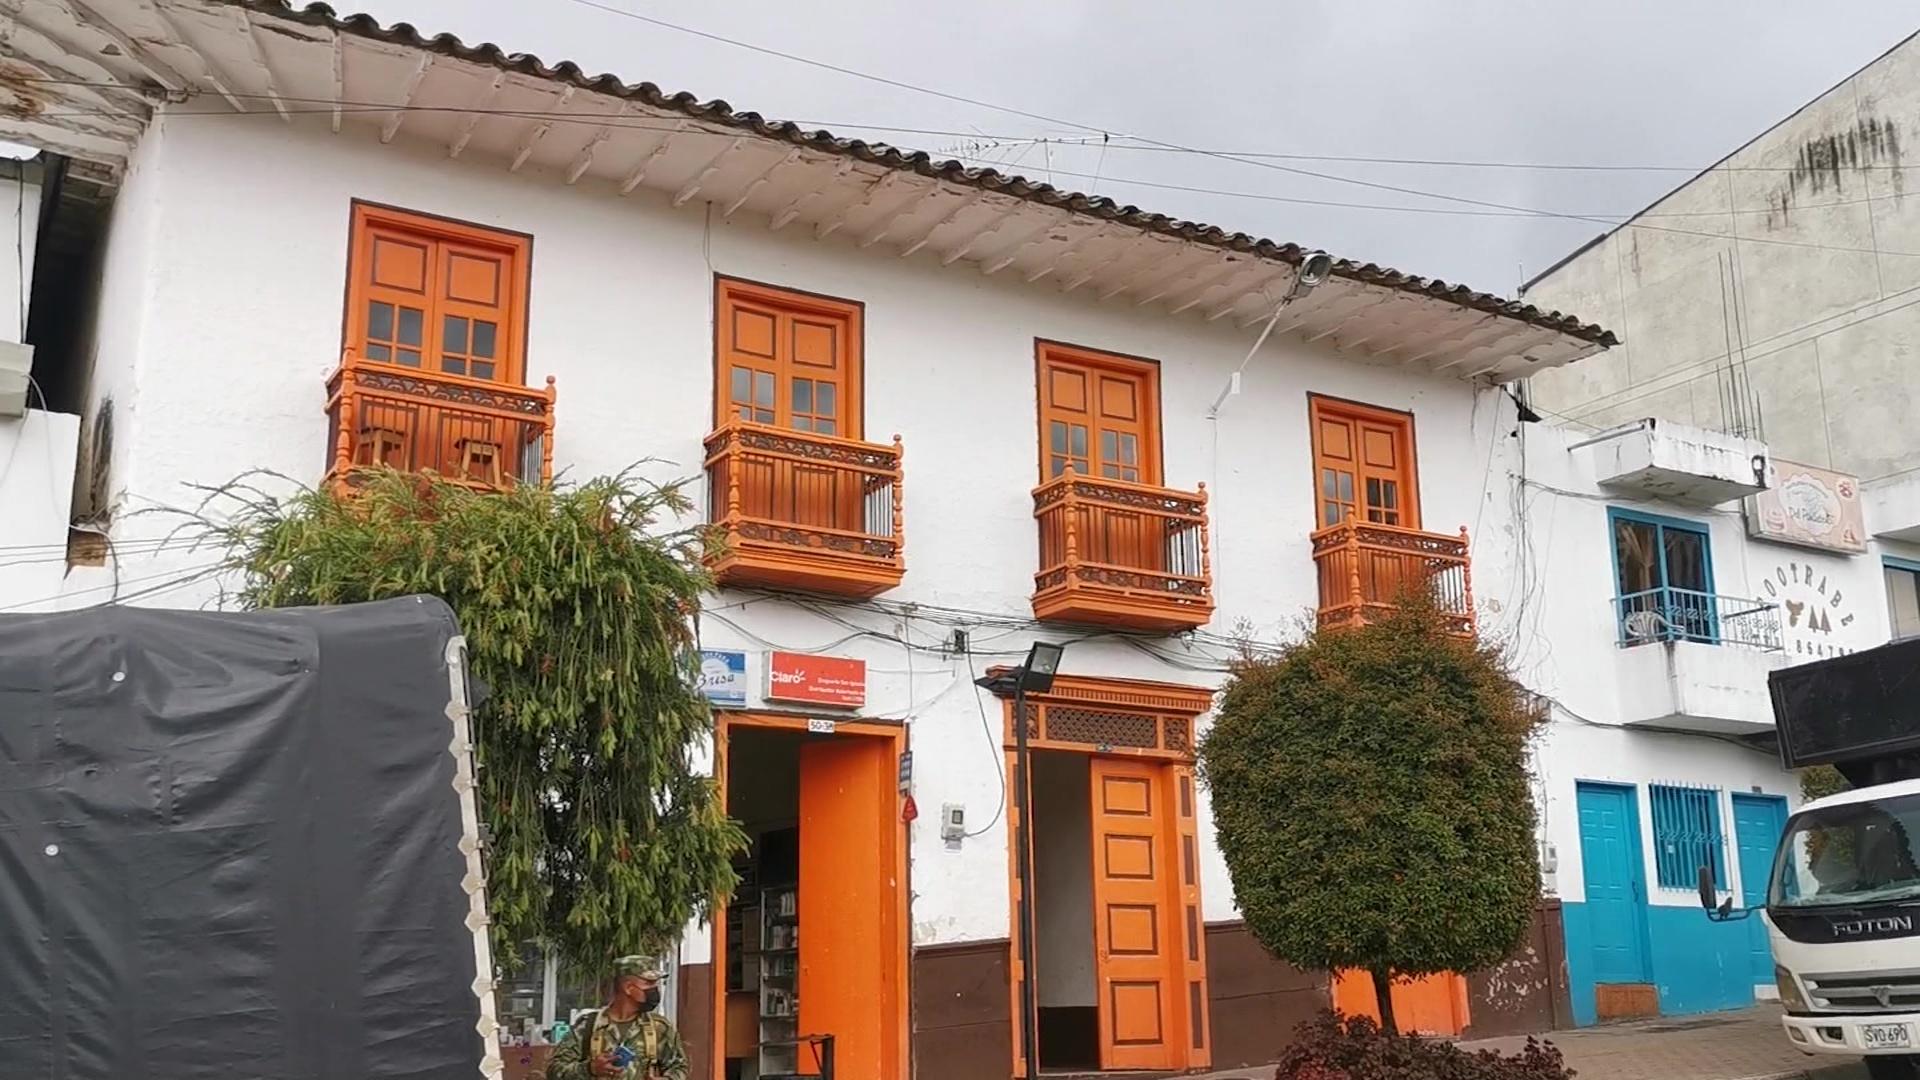 La casa de color naranja, un patrimonio de 200 años